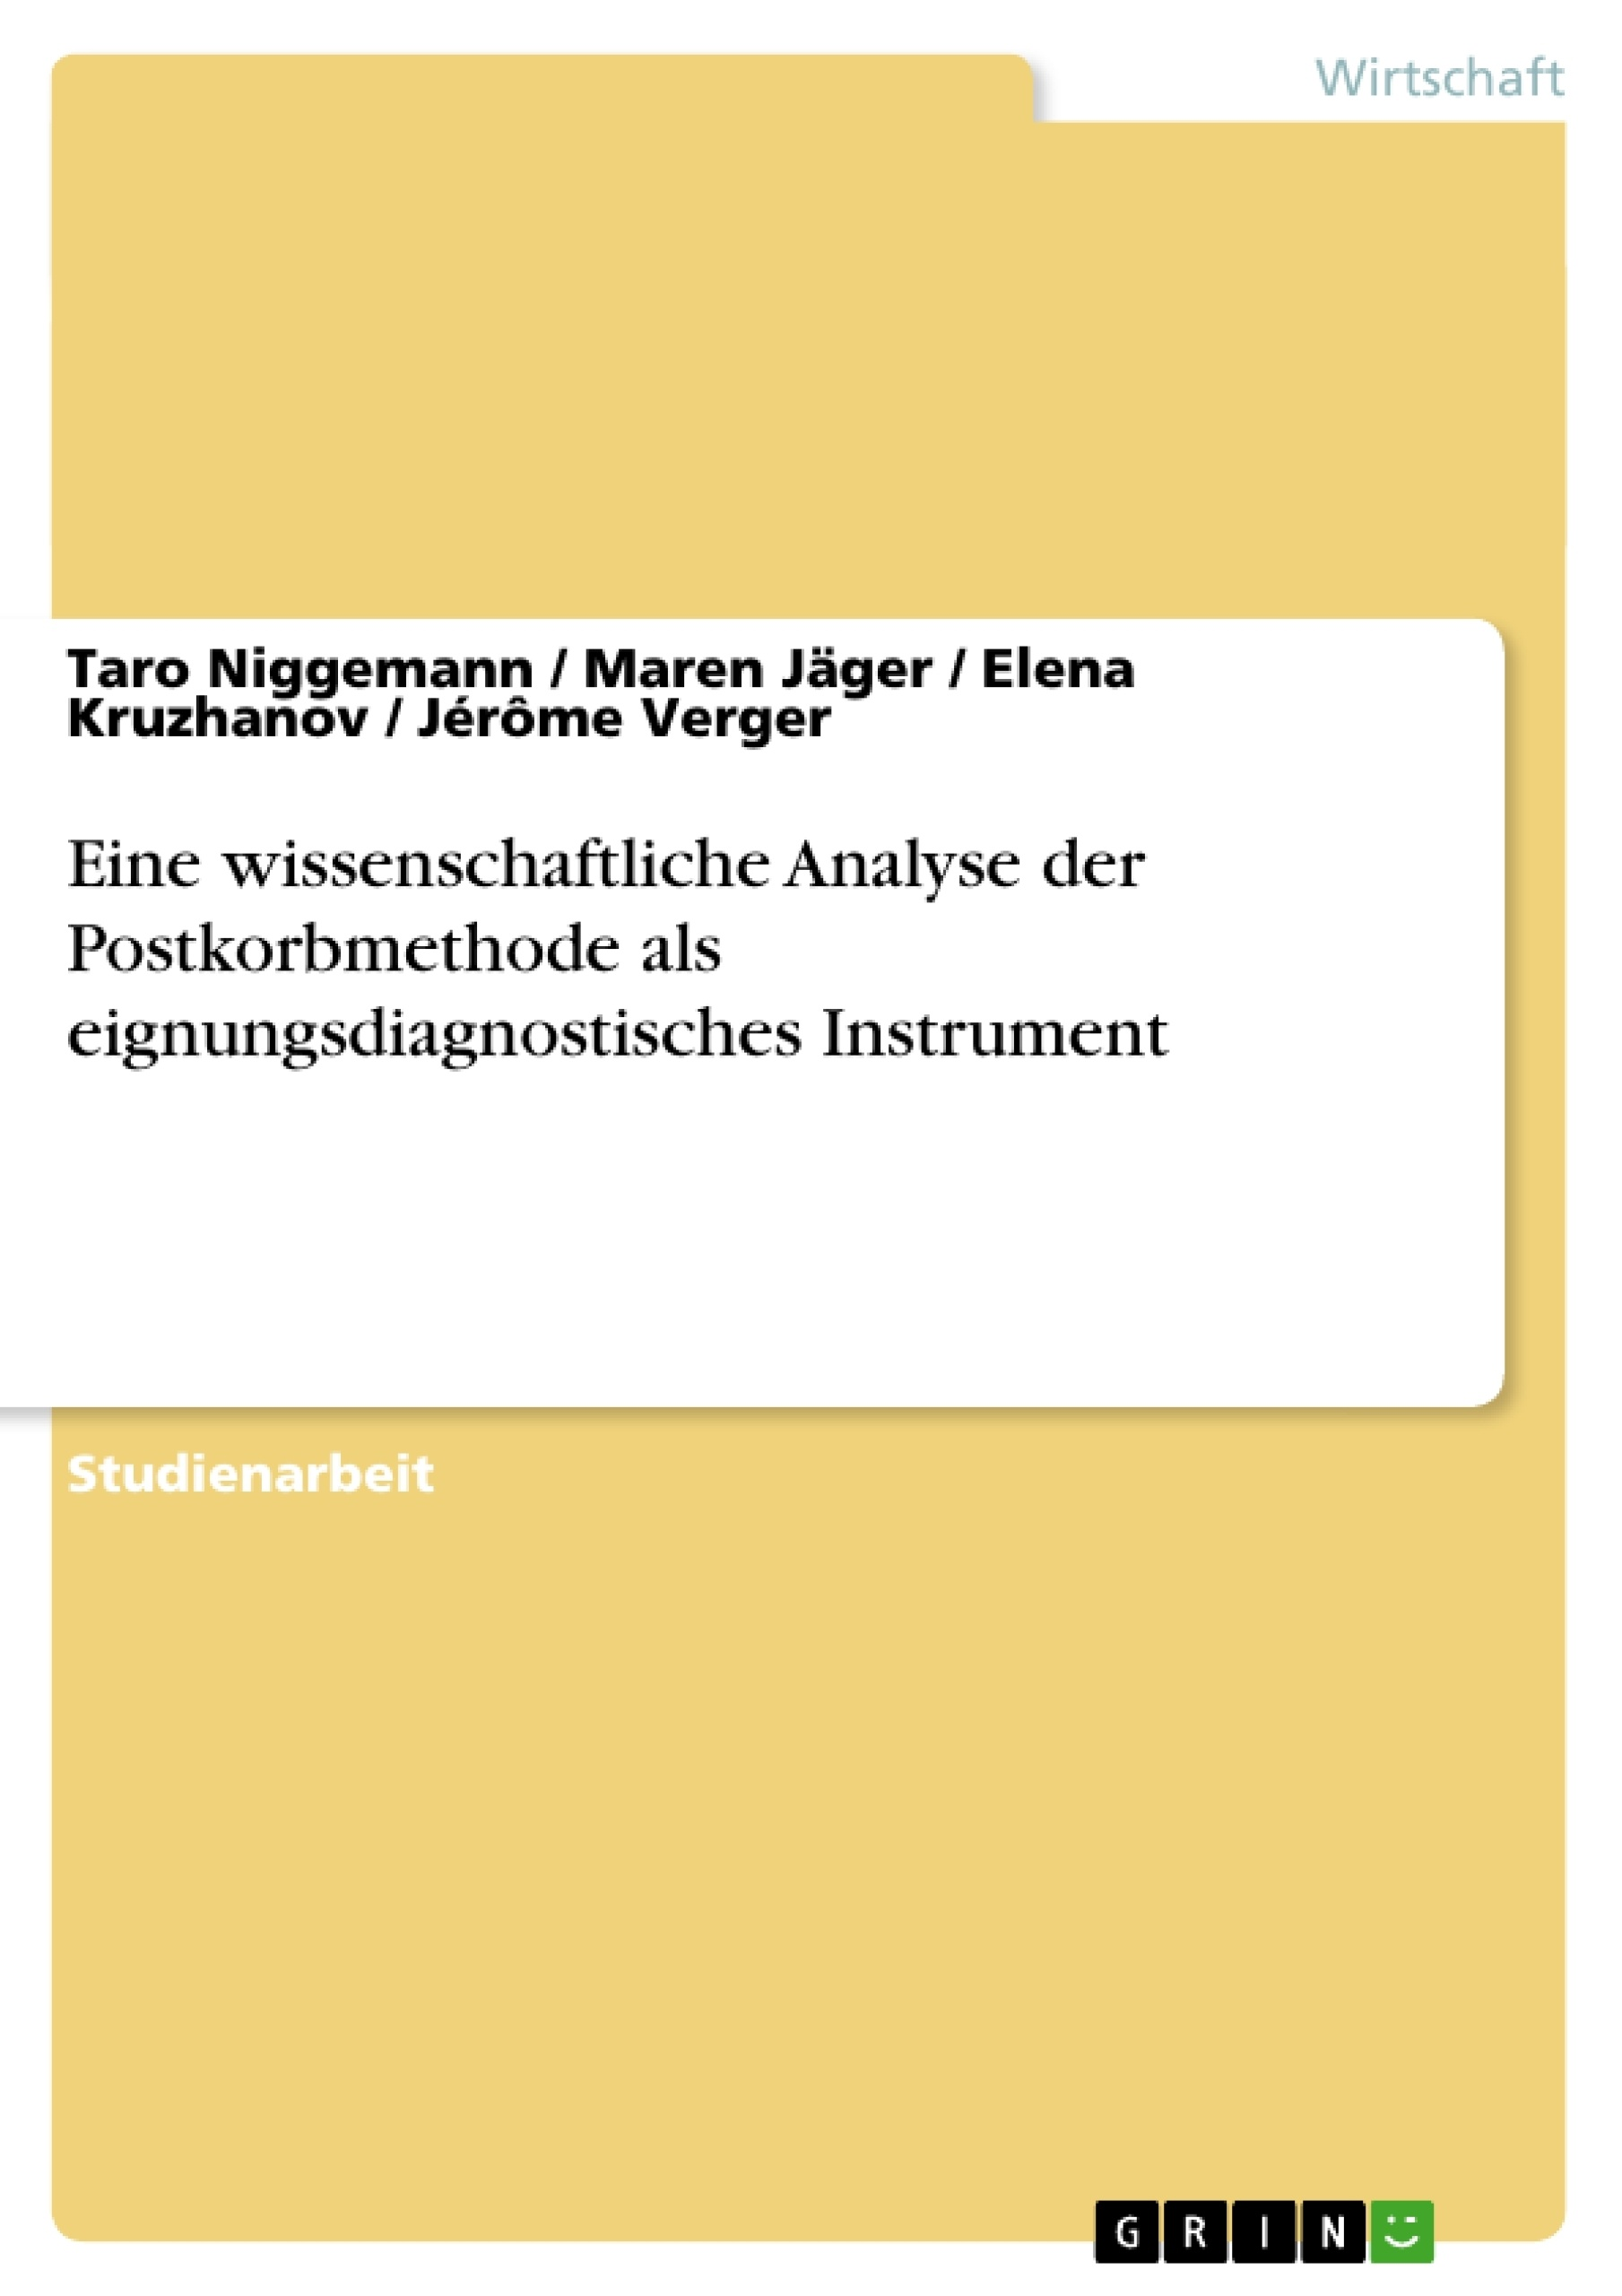 Titel: Eine wissenschaftliche Analyse der Postkorbmethode als eignungsdiagnostisches Instrument